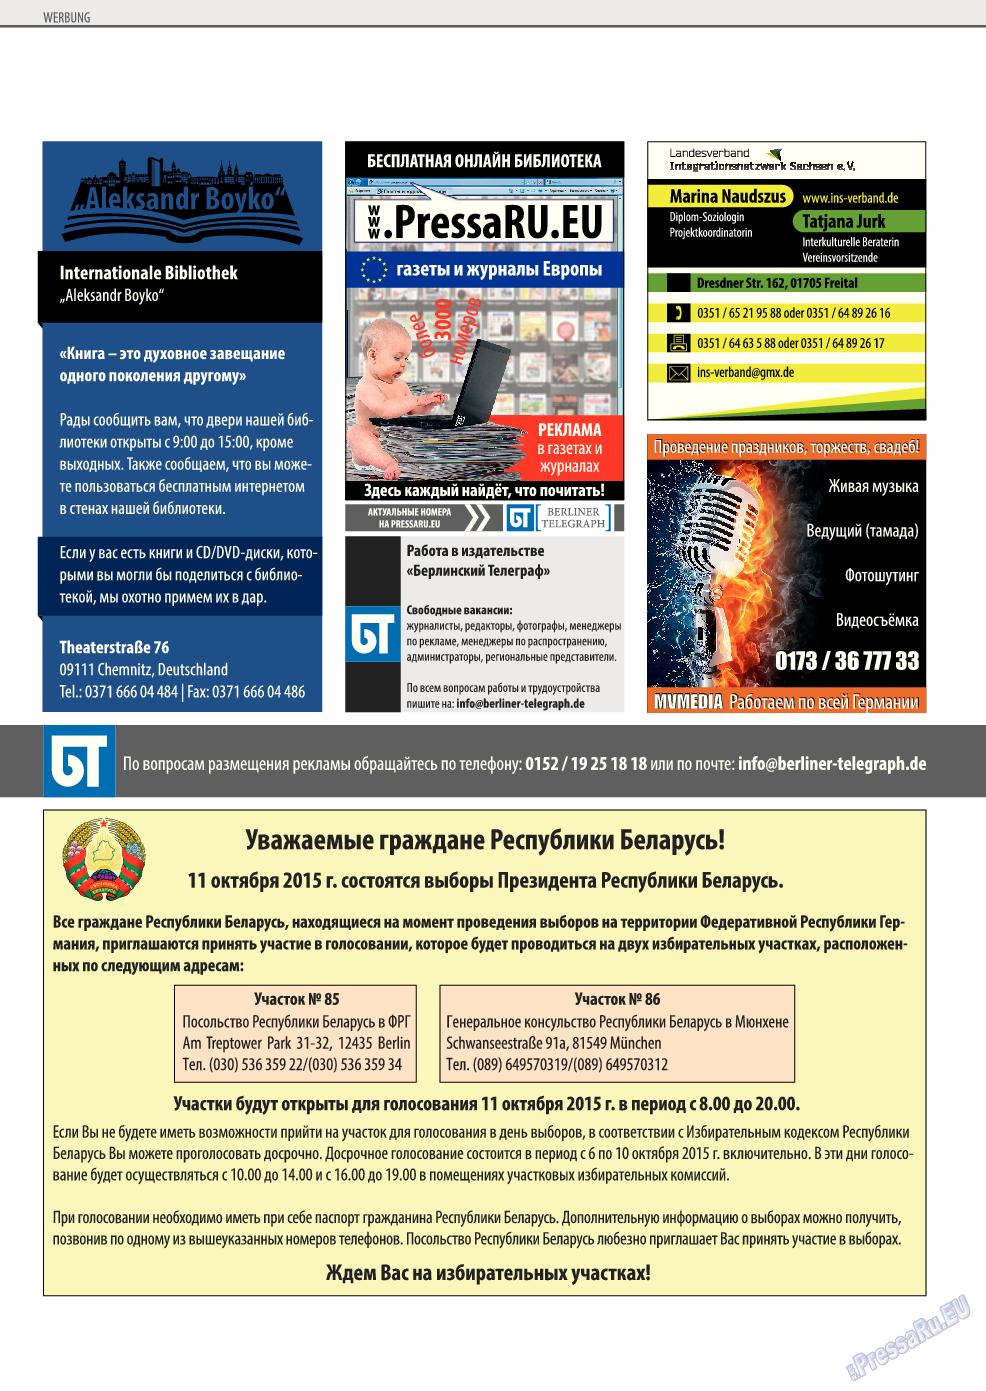 Берлинский телеграф (журнал). 2015 год, номер 10, стр. 38